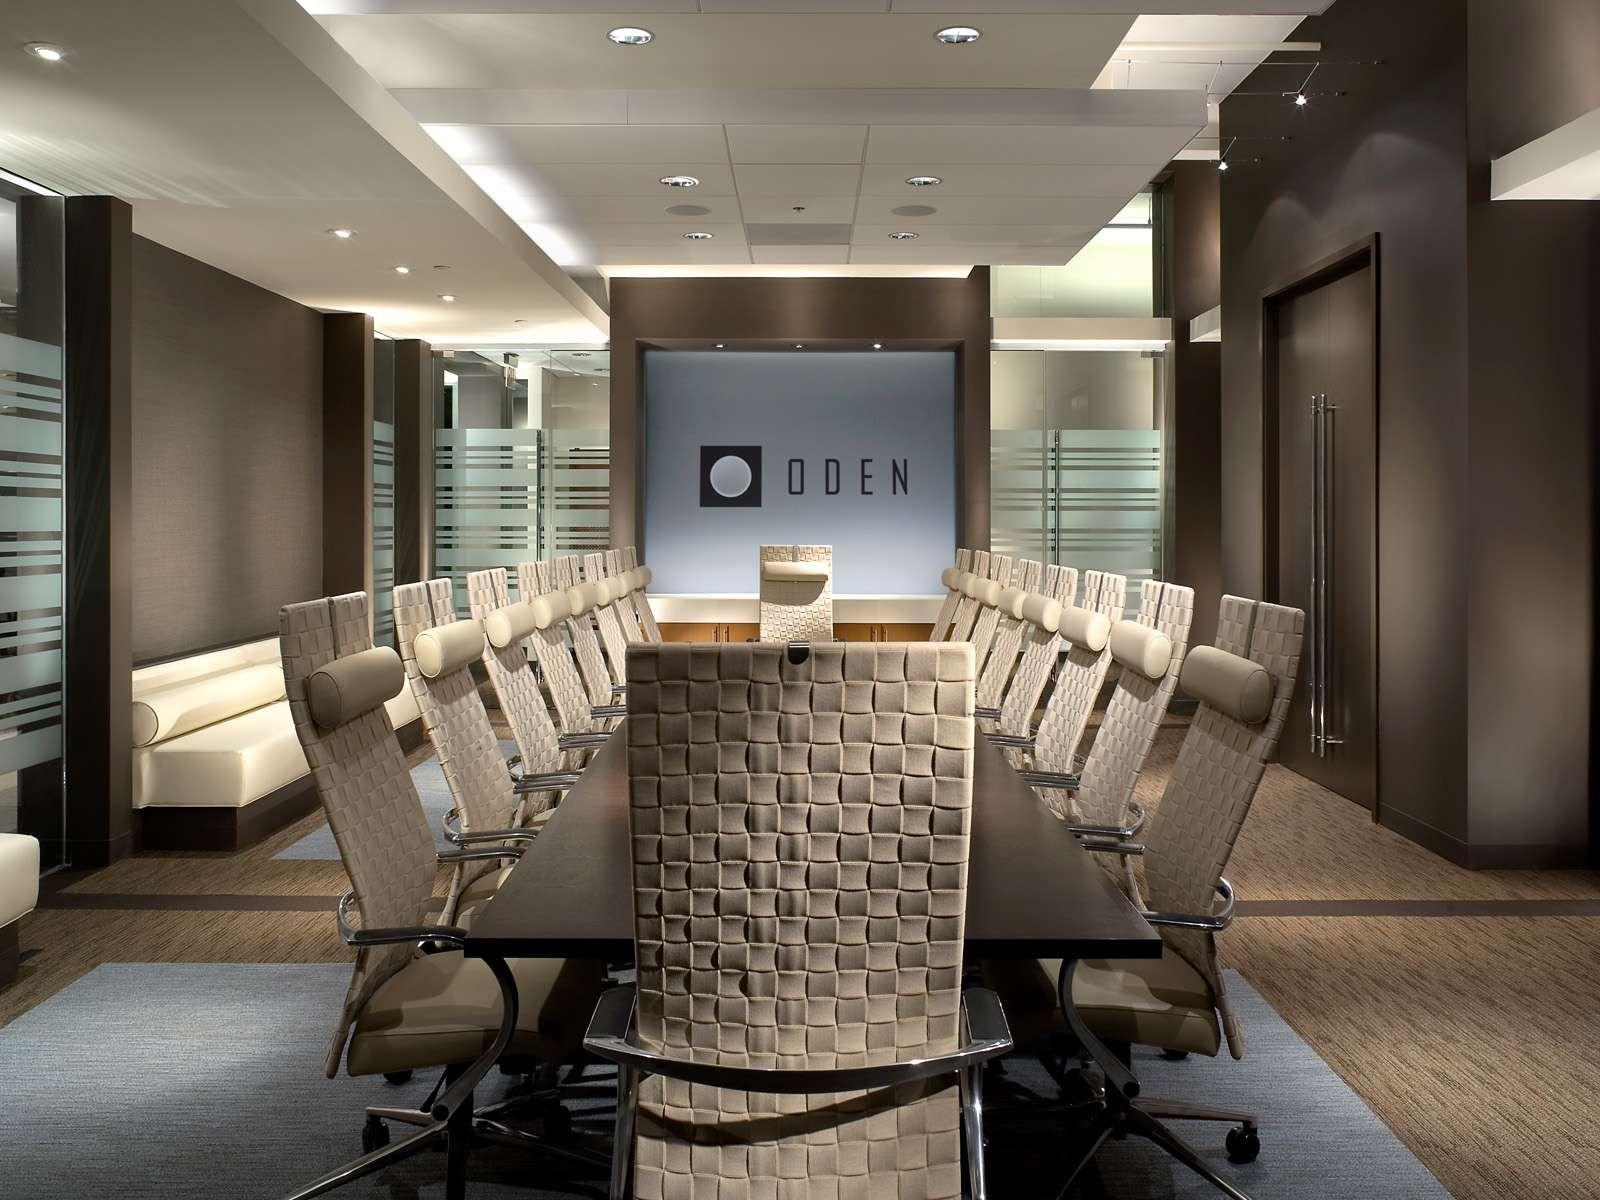 Davis Furniture Lucid Overview Meeting Room Design Conference Room Design Office Interior Design Modern conference room colors